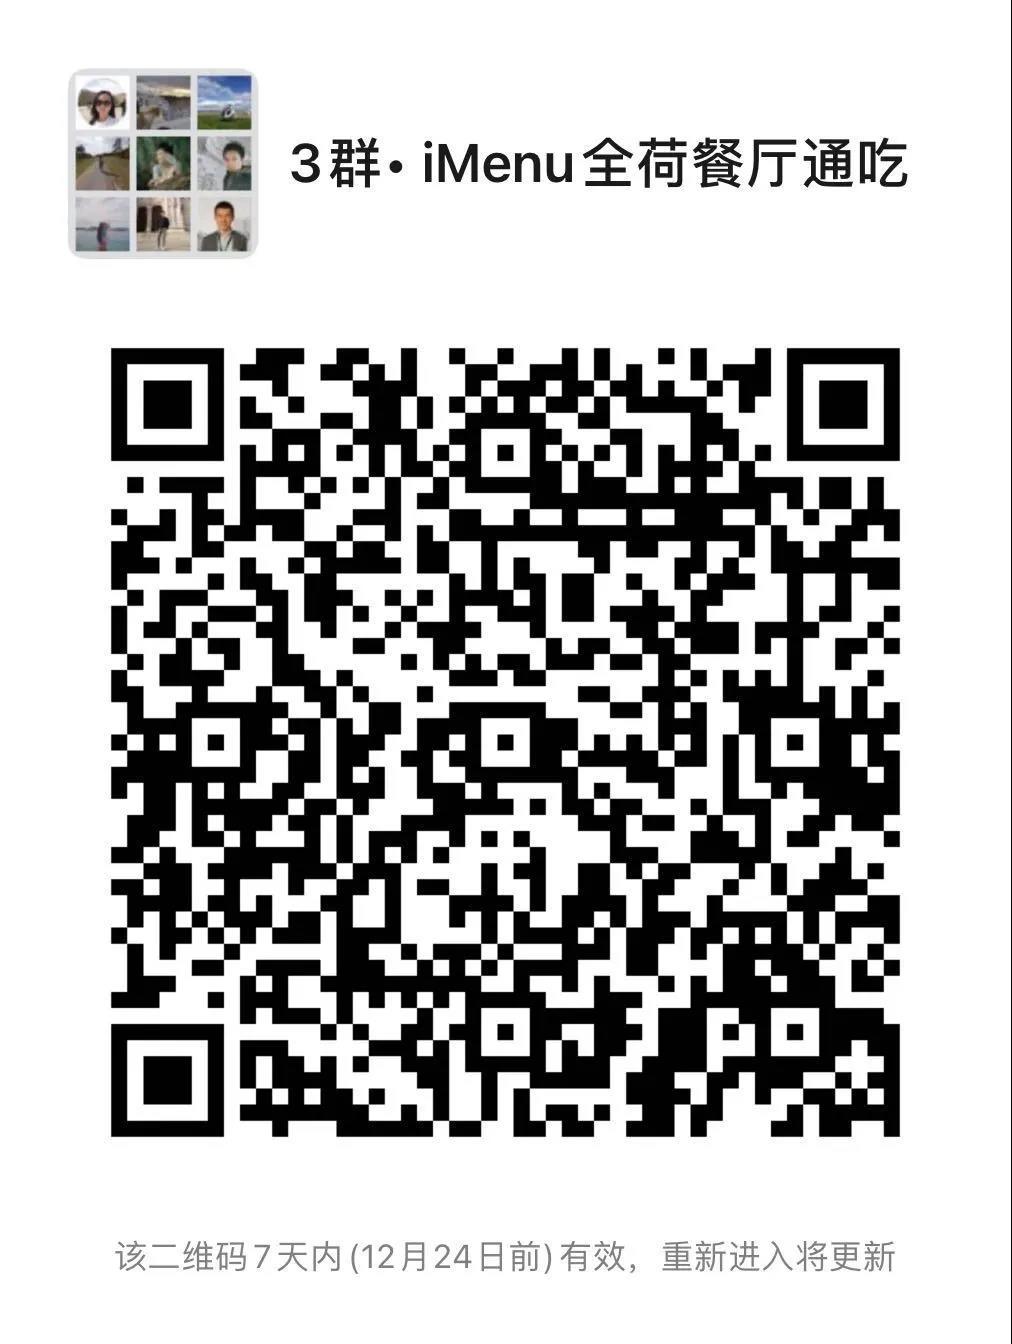 微信图片_20201217171854.jpg